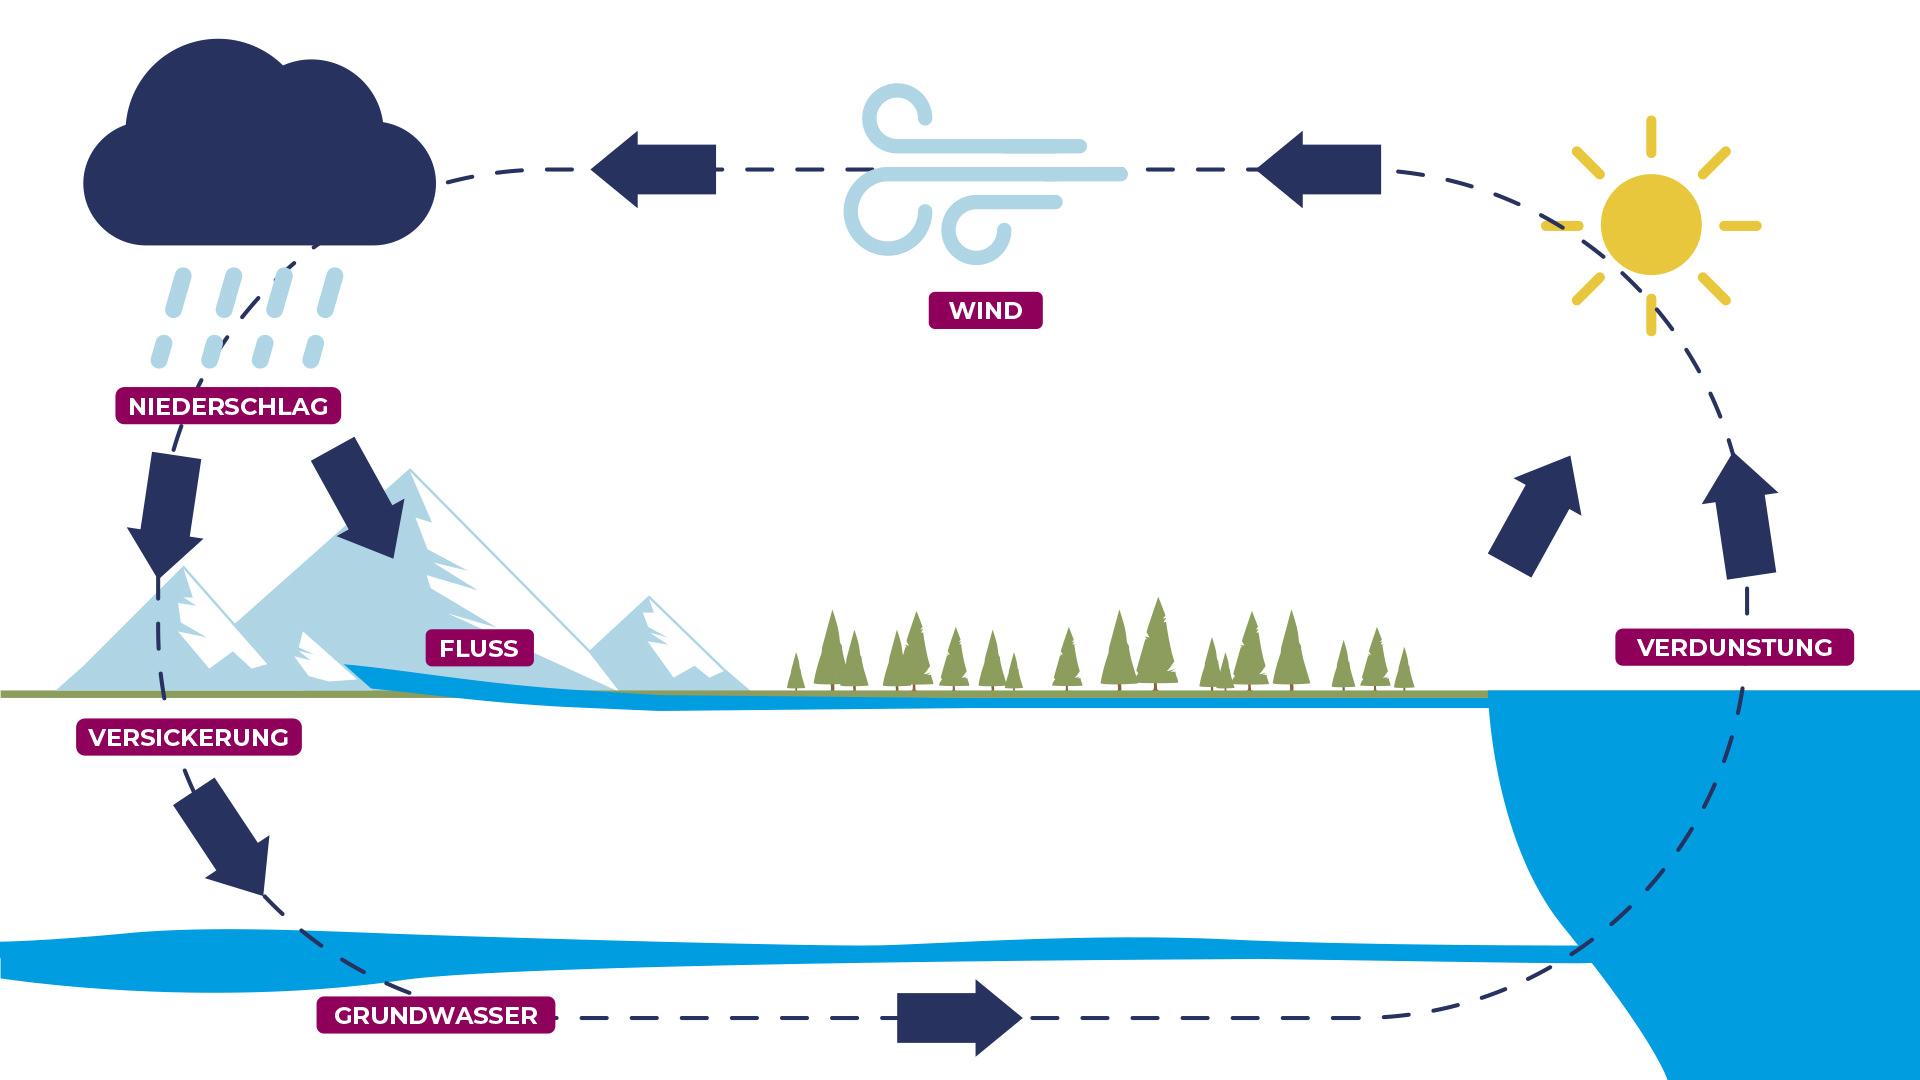 9 - Das saubere Wasser